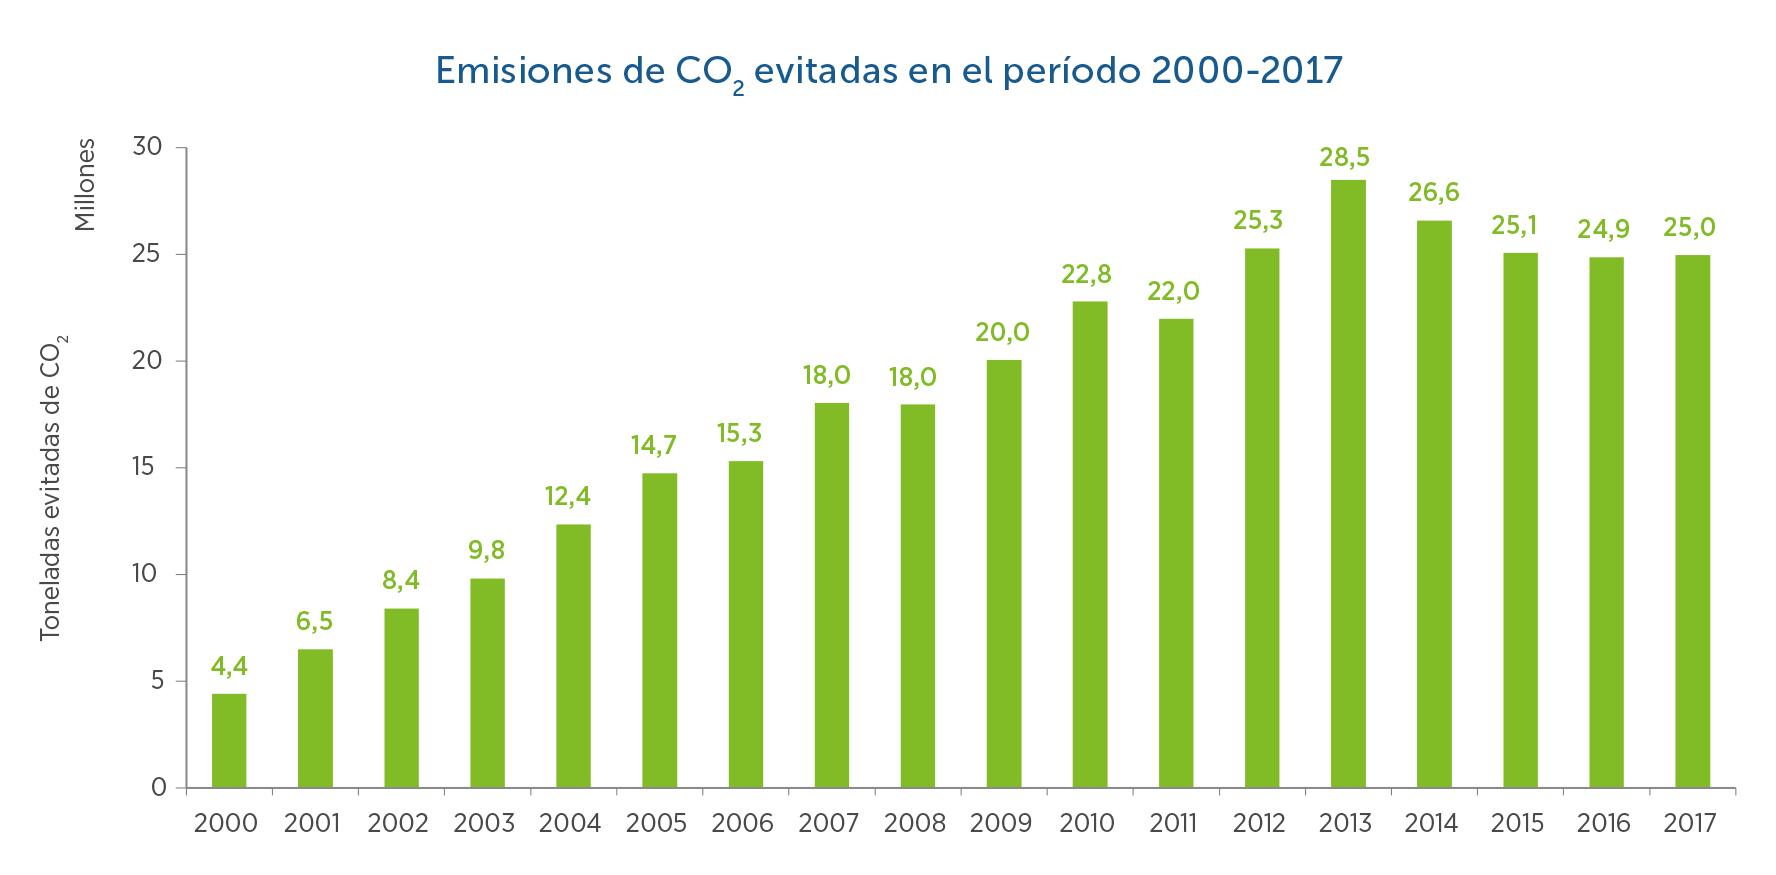 16-Emisiones-de-CO2-evitadas-periodo-2000-2017